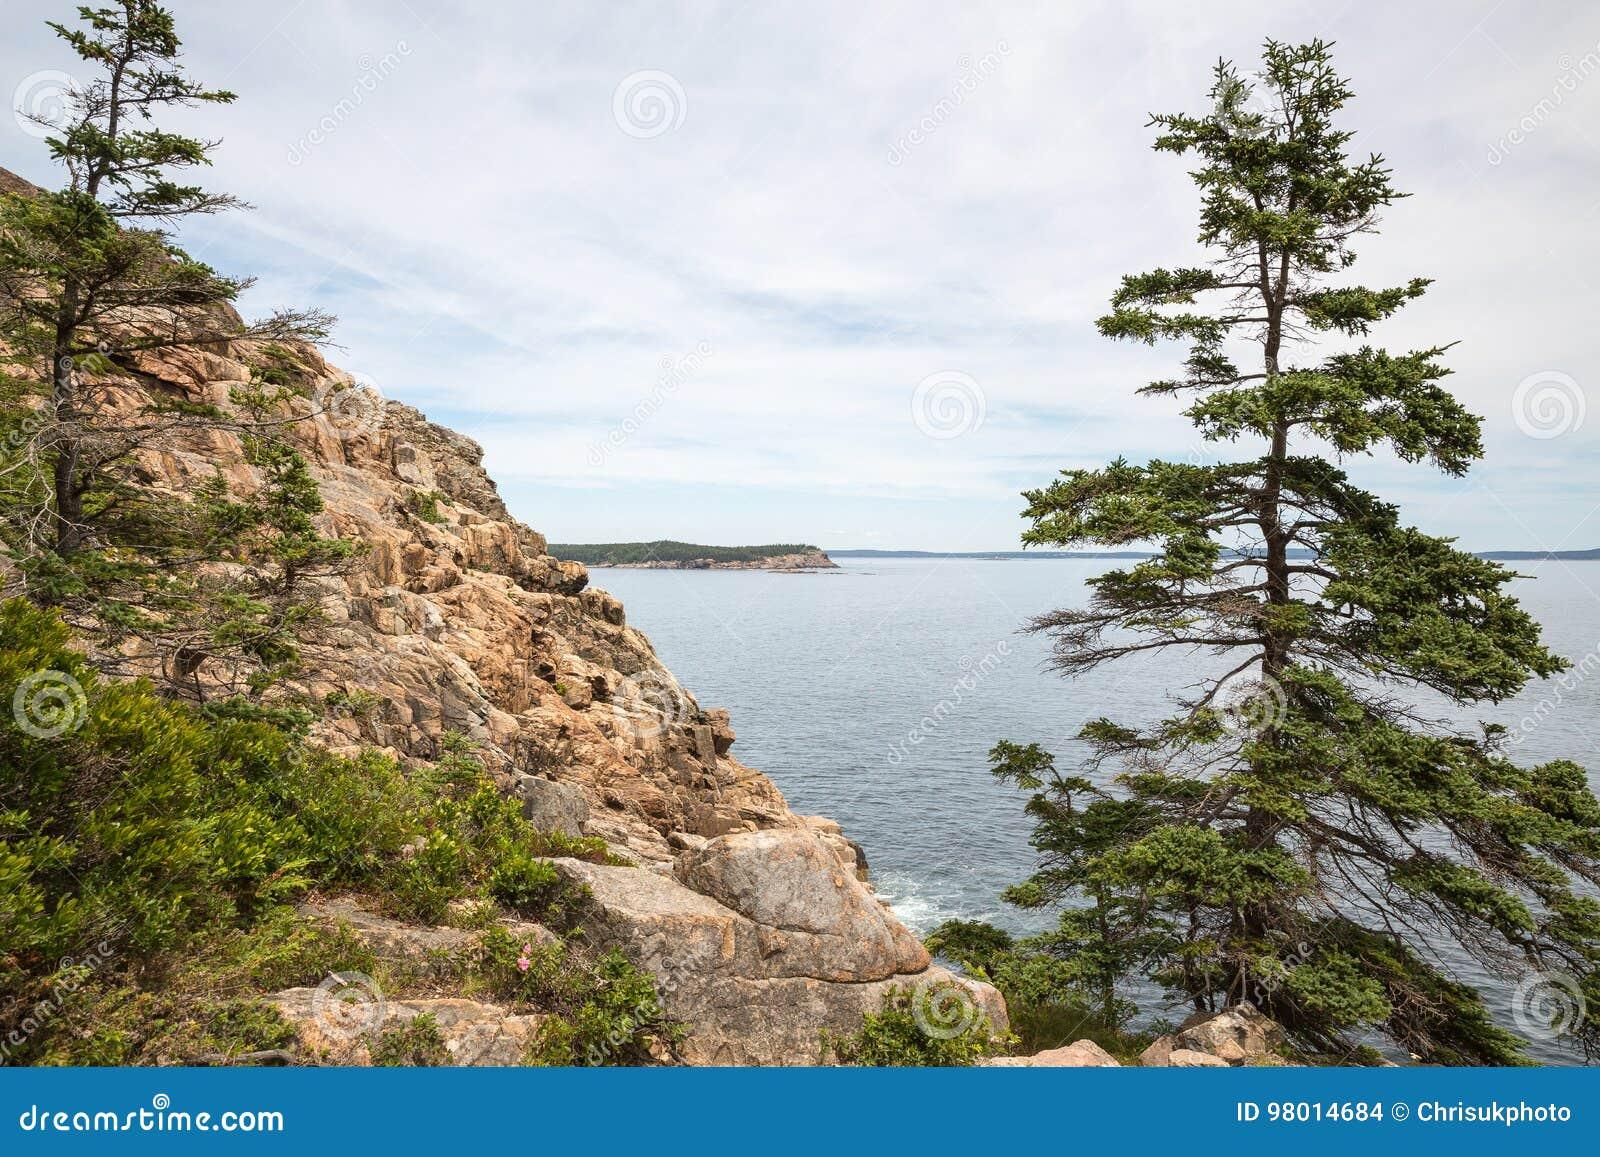 水獭峭壁在阿科底亚国家公园美国